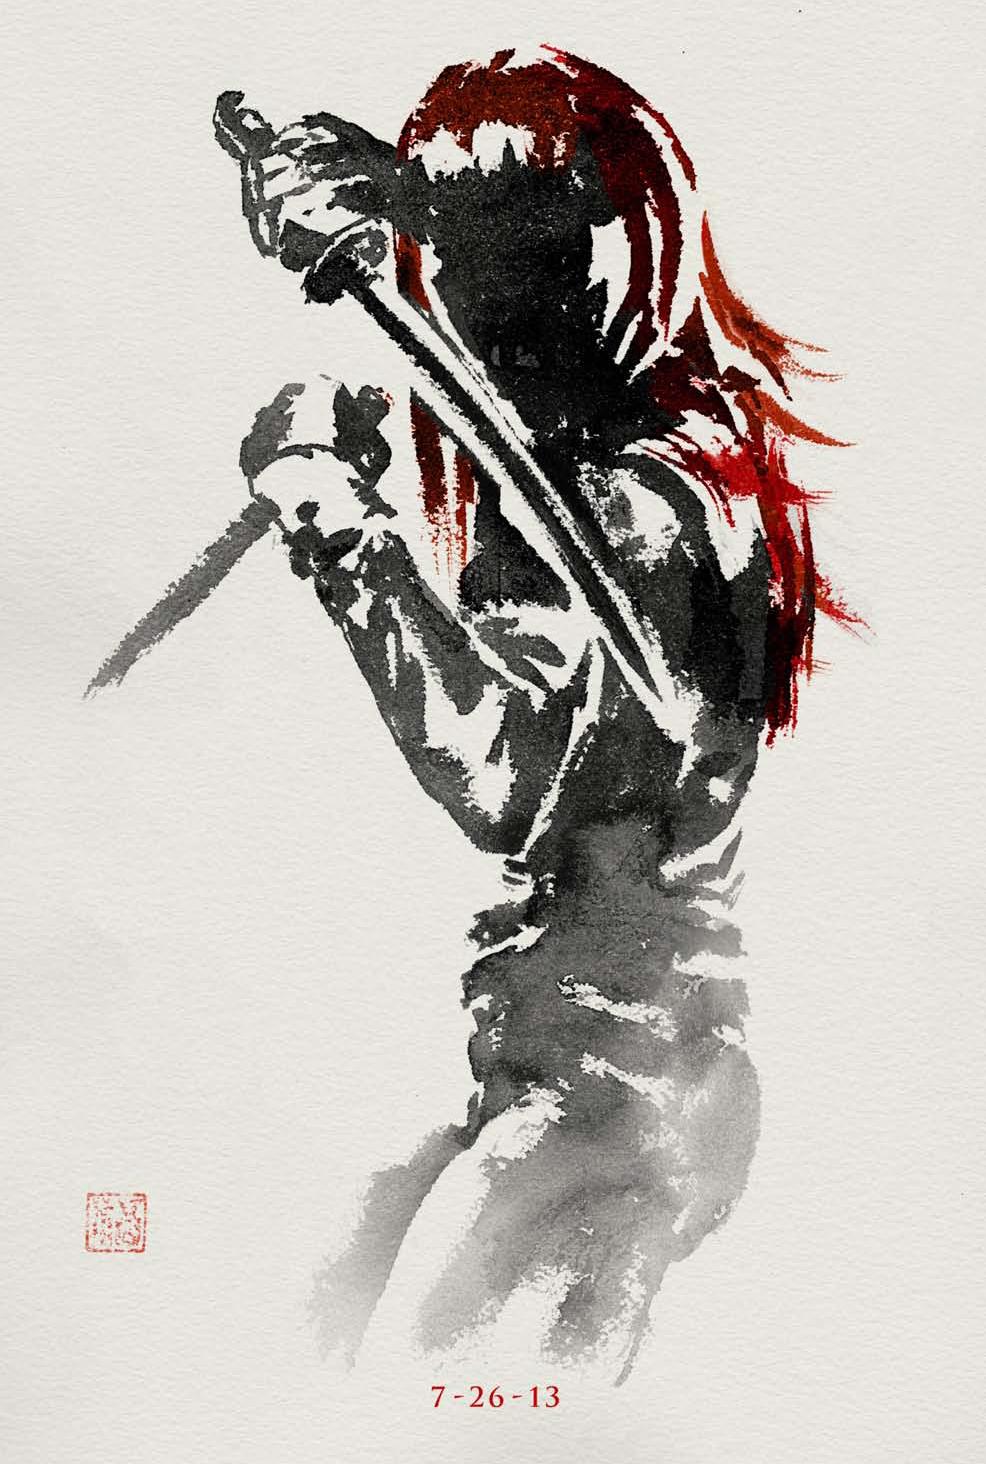 21052013_the-wolverine-poster-yukio